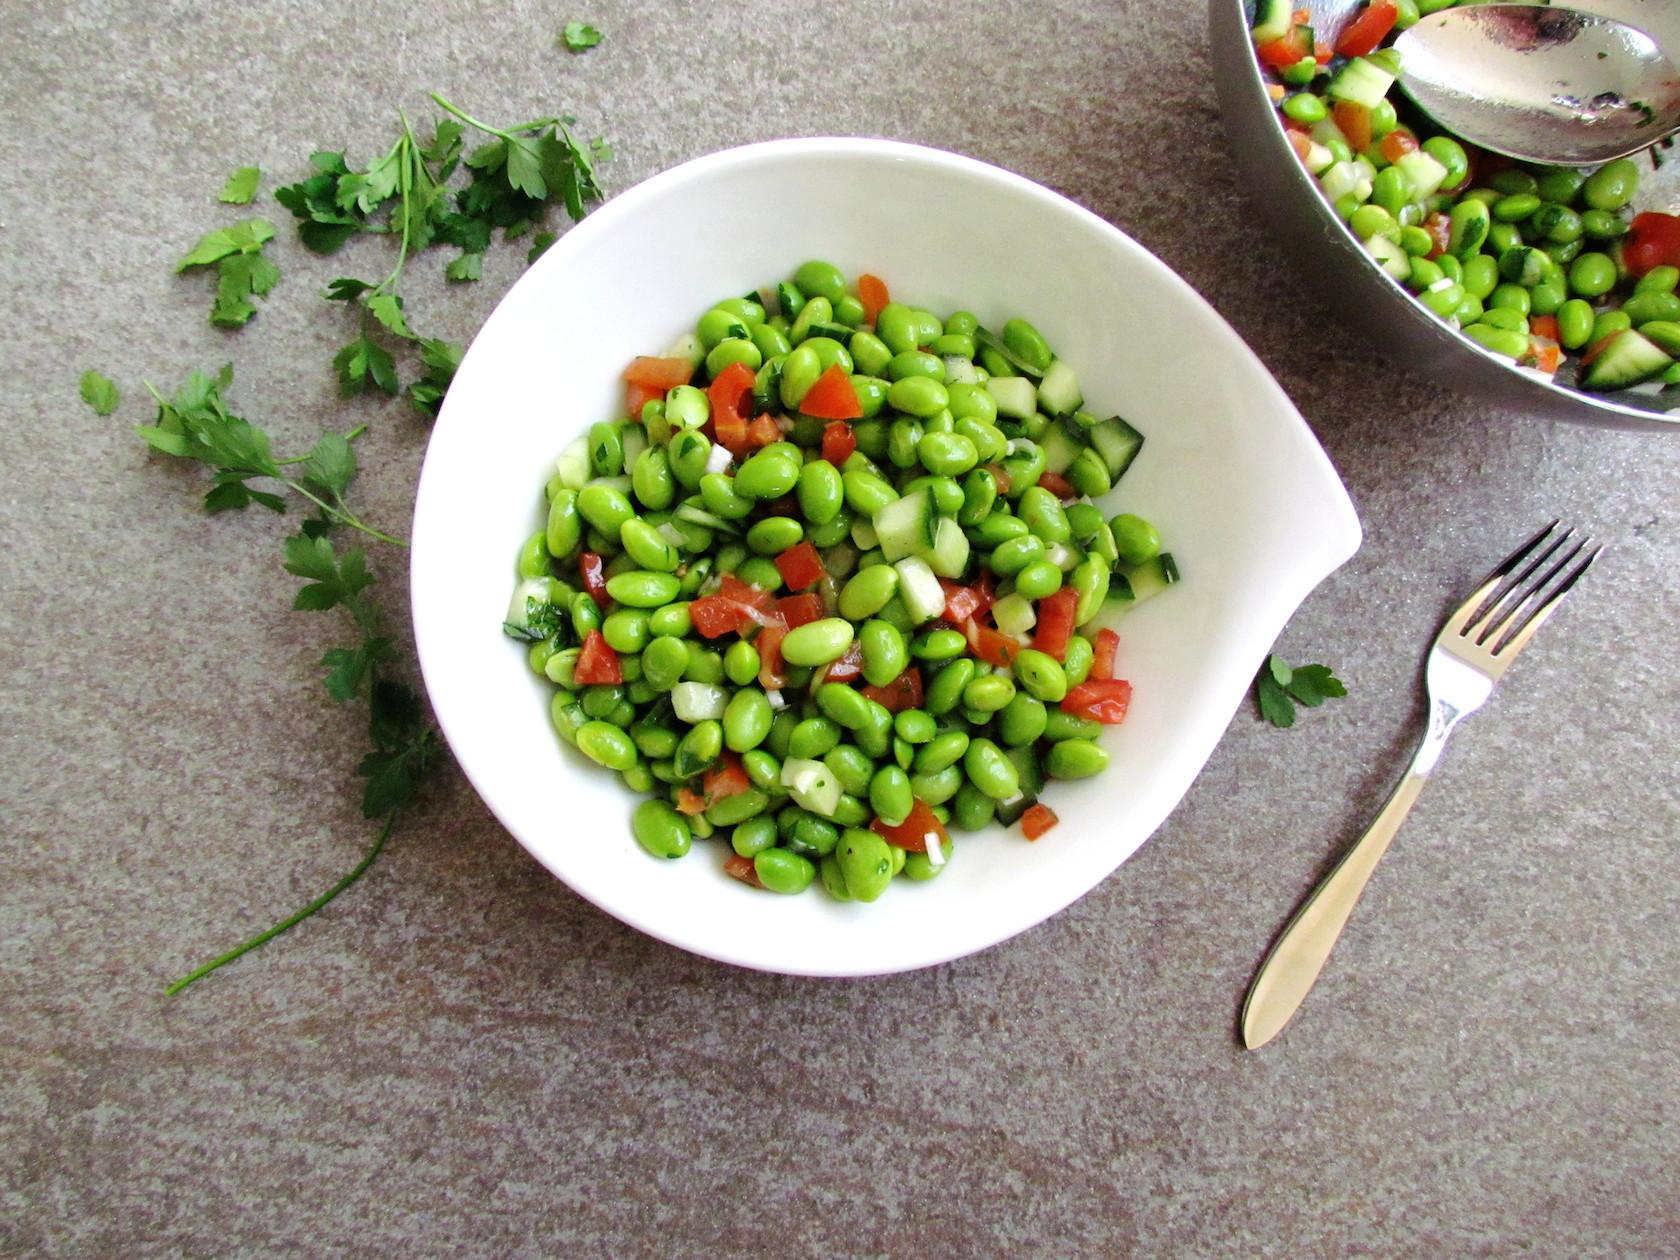 salade d'edamame épicée au cumin | www.savormania.com